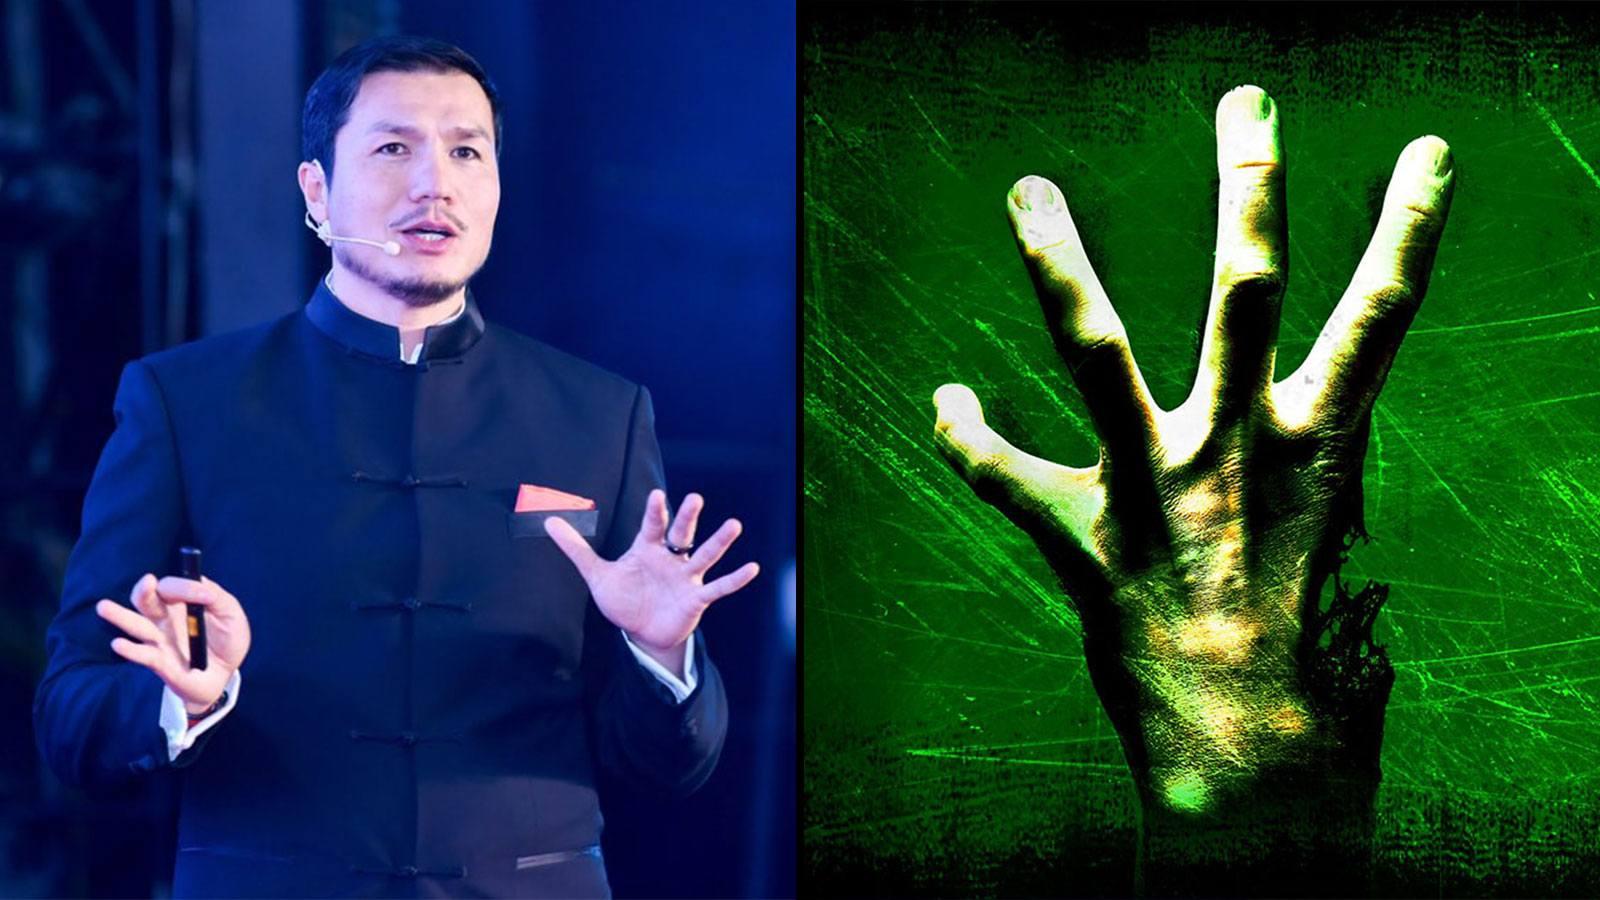 Le Président de HTC en Chine Alvin Wang Graylin en présentation pour l'année 2020 de la Réalité Virtuelle